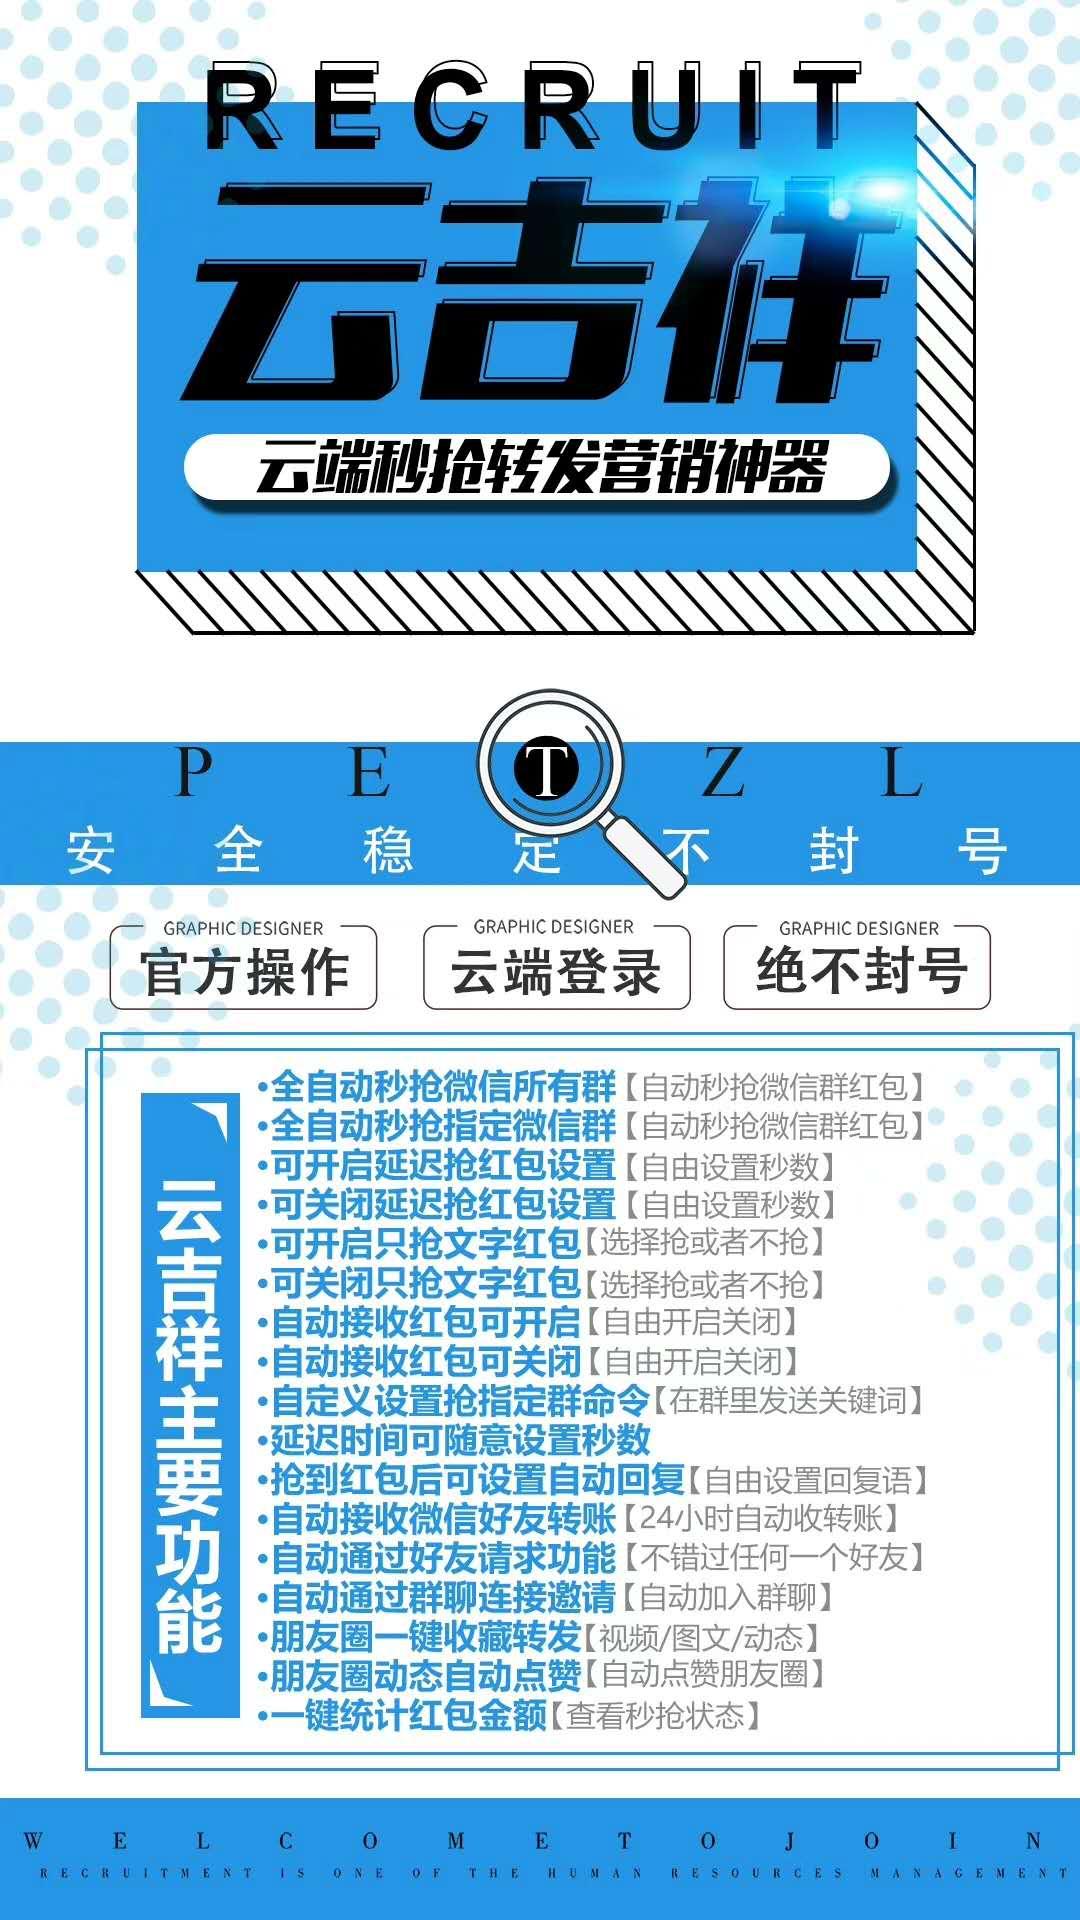 【云吉祥官网】云端秒抢红包 云富贵更名版 稳定24小时秒抢激活码代理